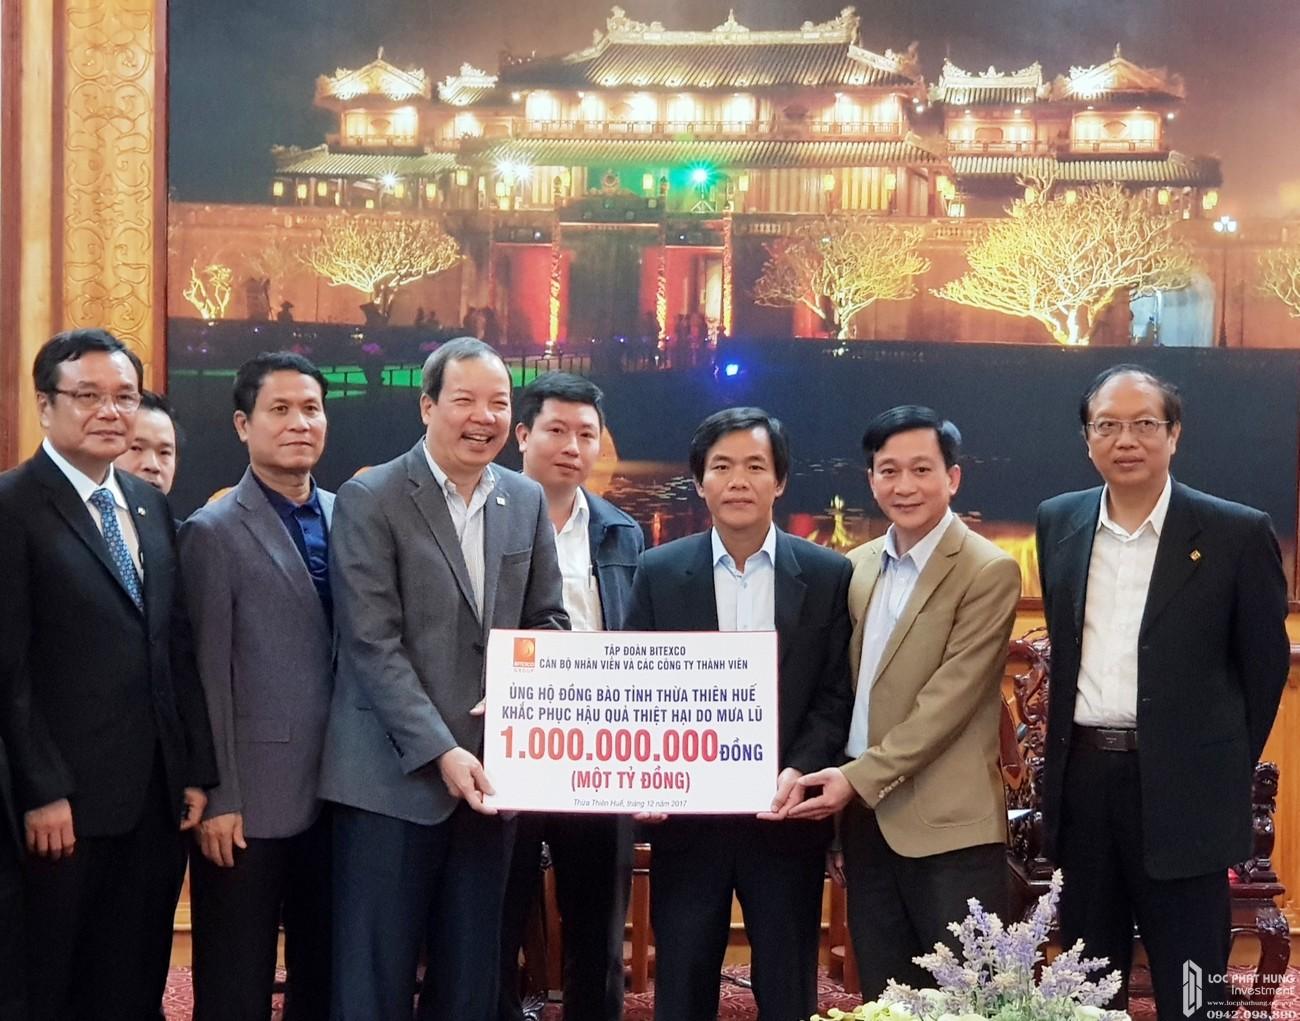 Chủ đầu tư dự án căn hộ chung cư The Spirit Of Saigon Quận 1 Đường 1 Phạm Ngũ Lão chủ đầu tư Bitexco